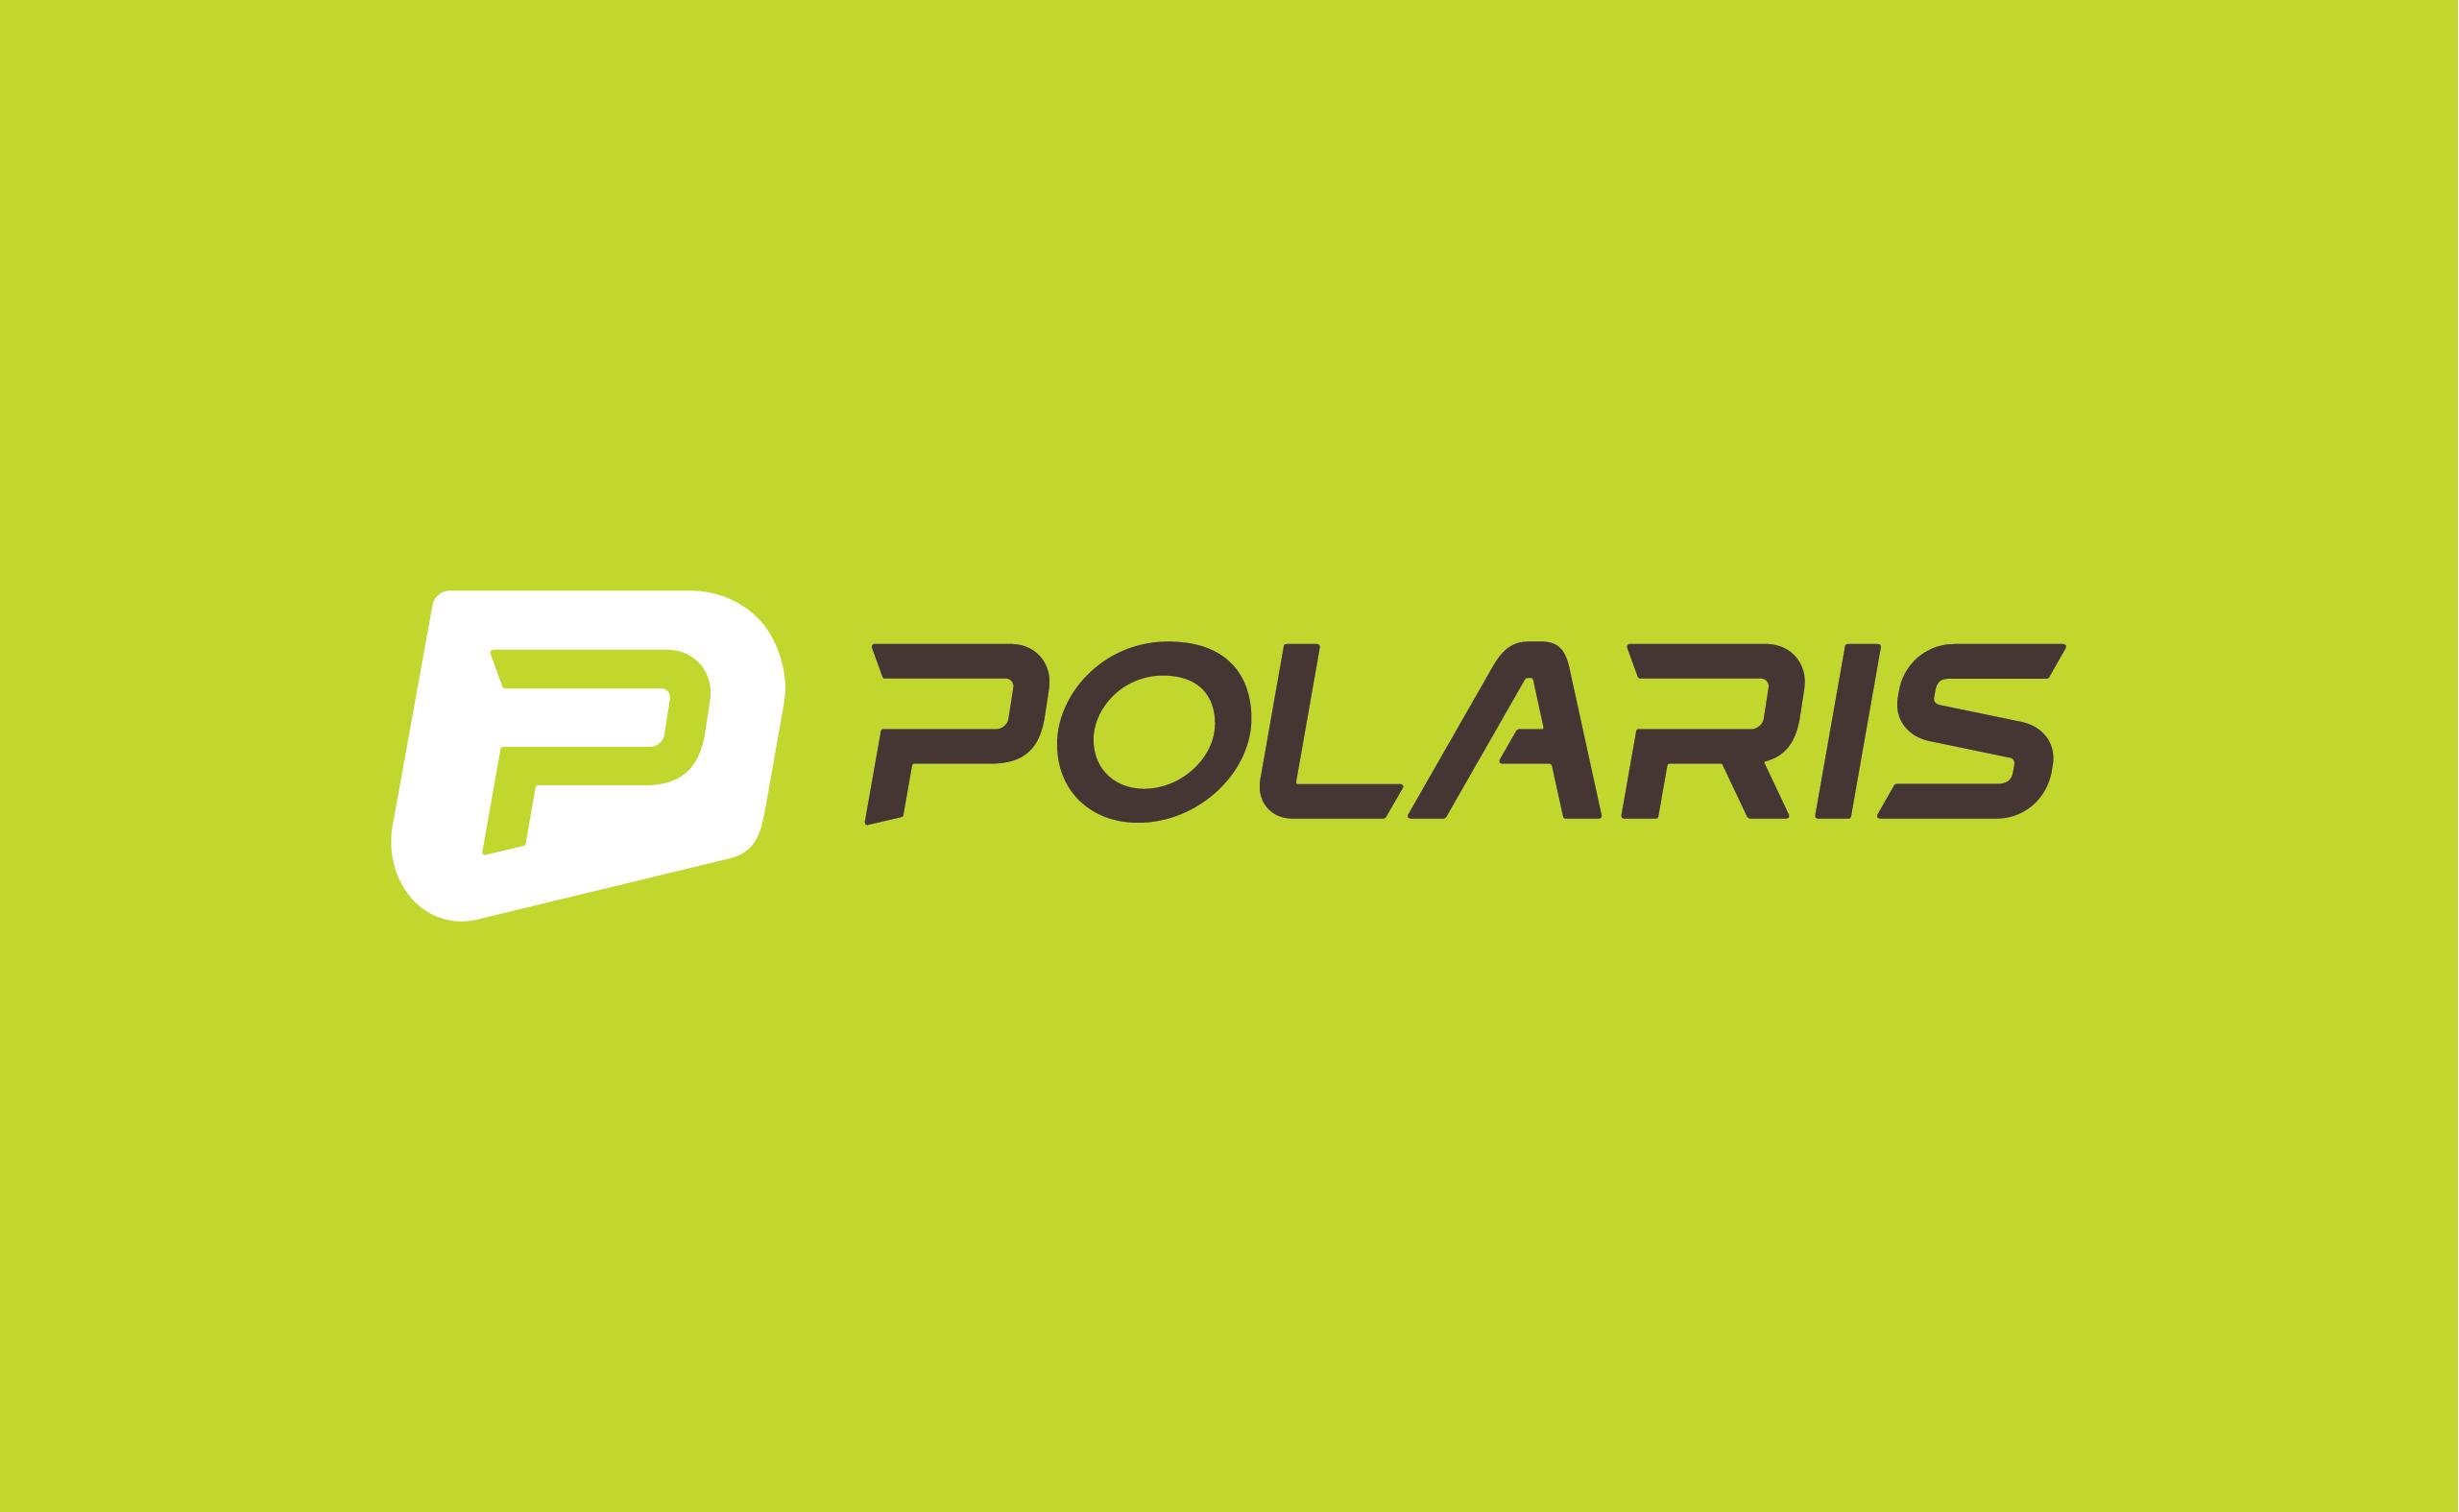 polaris-logos_04